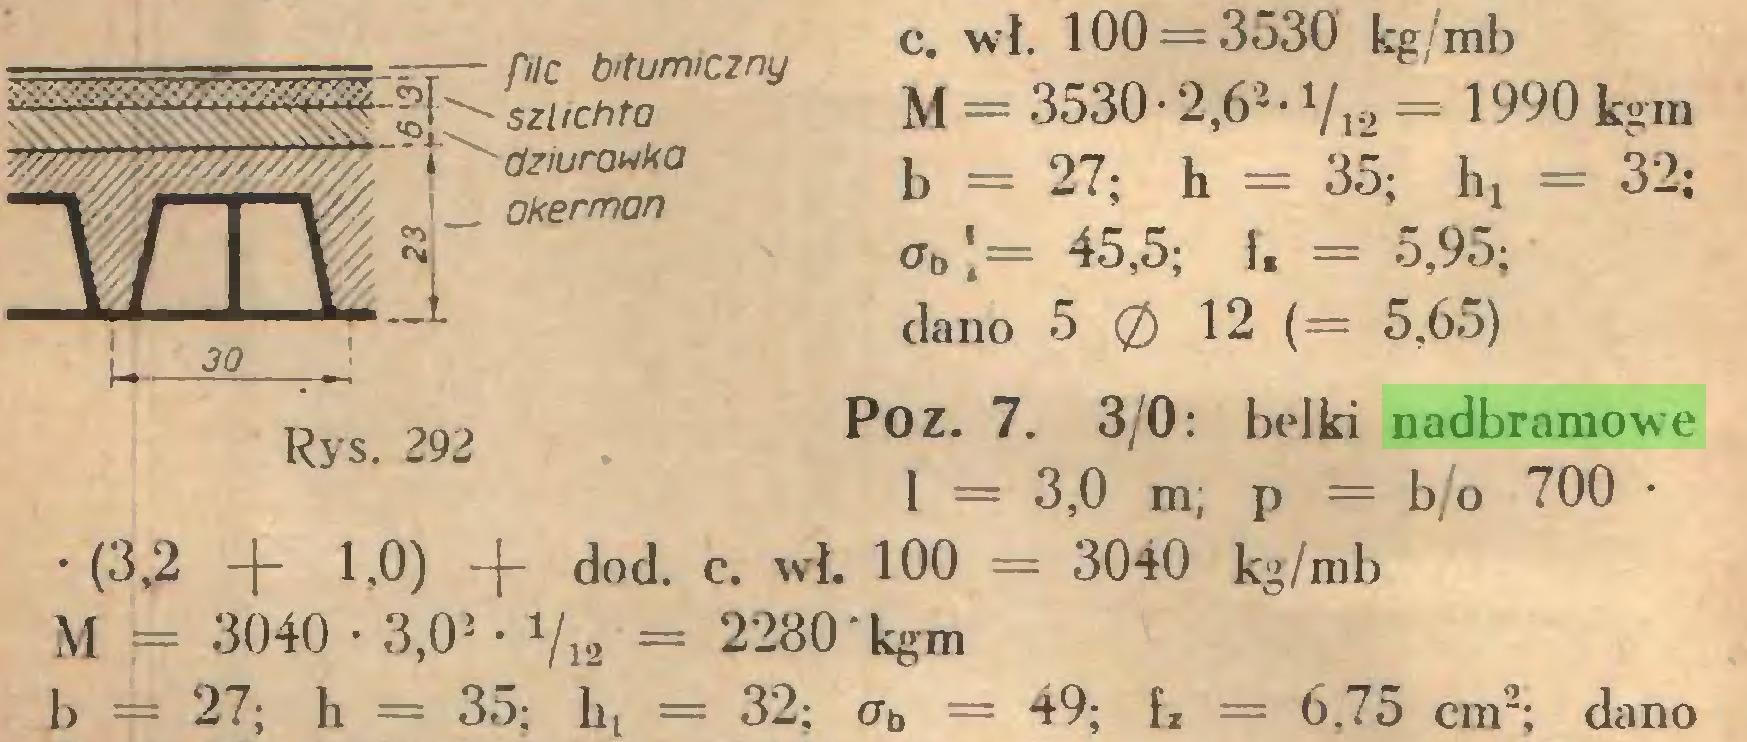 (...) c. wł. 100 = 3530 kg/mb M = 3530 • 2,62- Vi2 = 1990 kgm b = 27; h = 35; h! = 32; <= 45,5; i, = 5,95; dano 5 0 12 (= 5,65) Po Z. 7. 3/0: belki nadbramowe 1 = 3,0 m; p = b/o 700 • •(3,2 + 1,0) + dod. c. wŁ 100 = 3040 kg/mb M = 3040 • 3,02 • Vi2 = 2280 kgm b = 27; h = 35; bt = 32; ab = 49; fz = 6.75 cm2; dano...